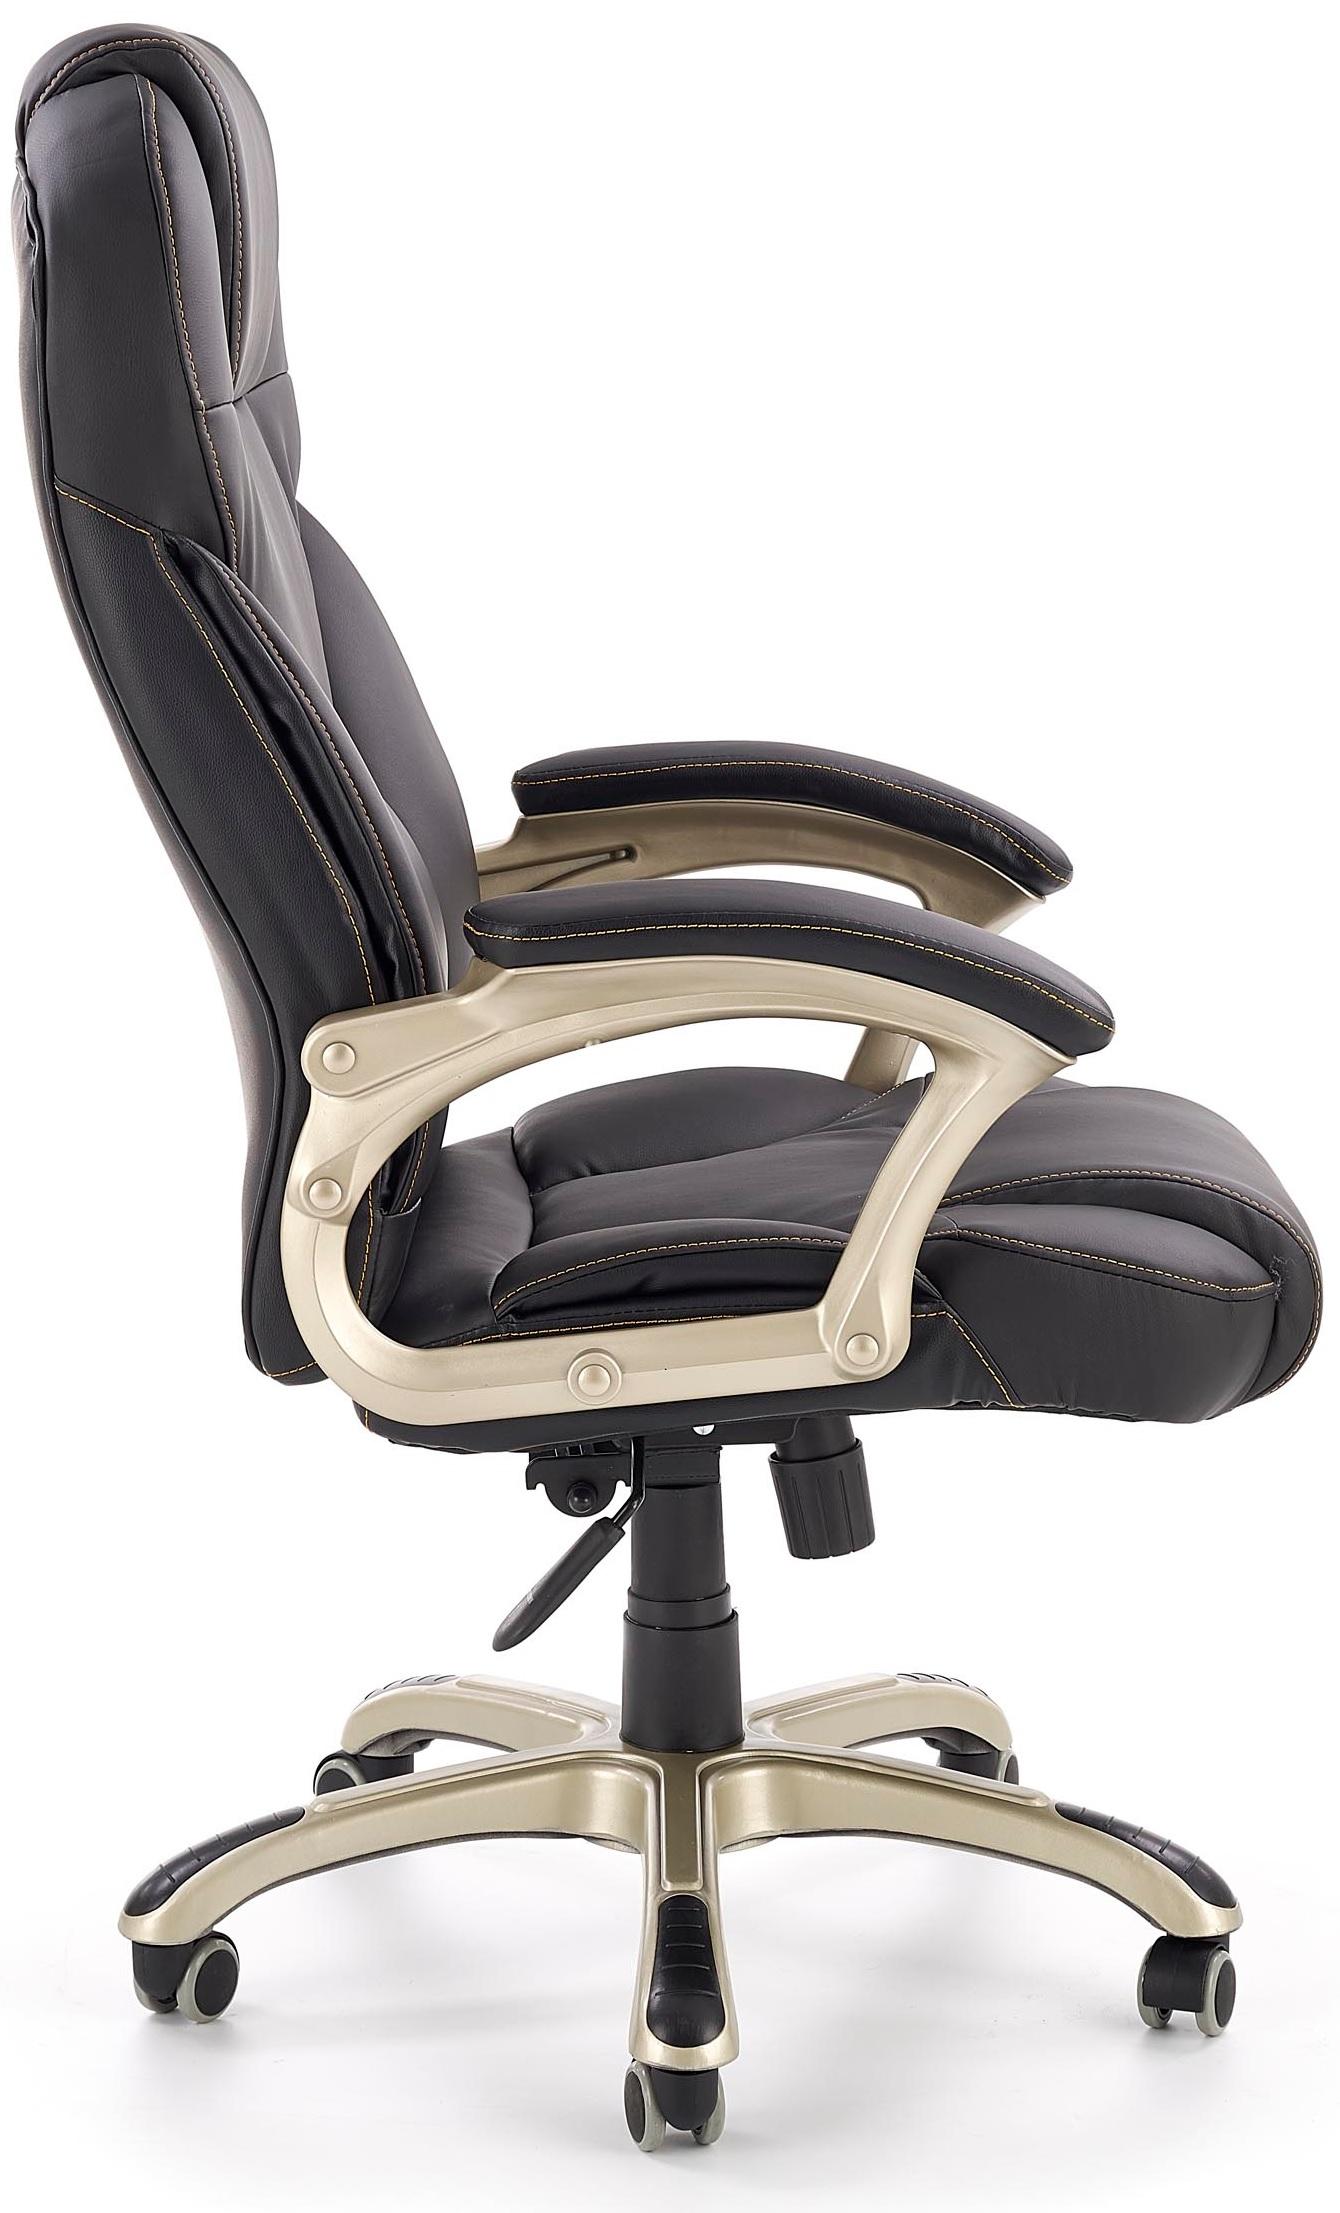 vadovo kėdė